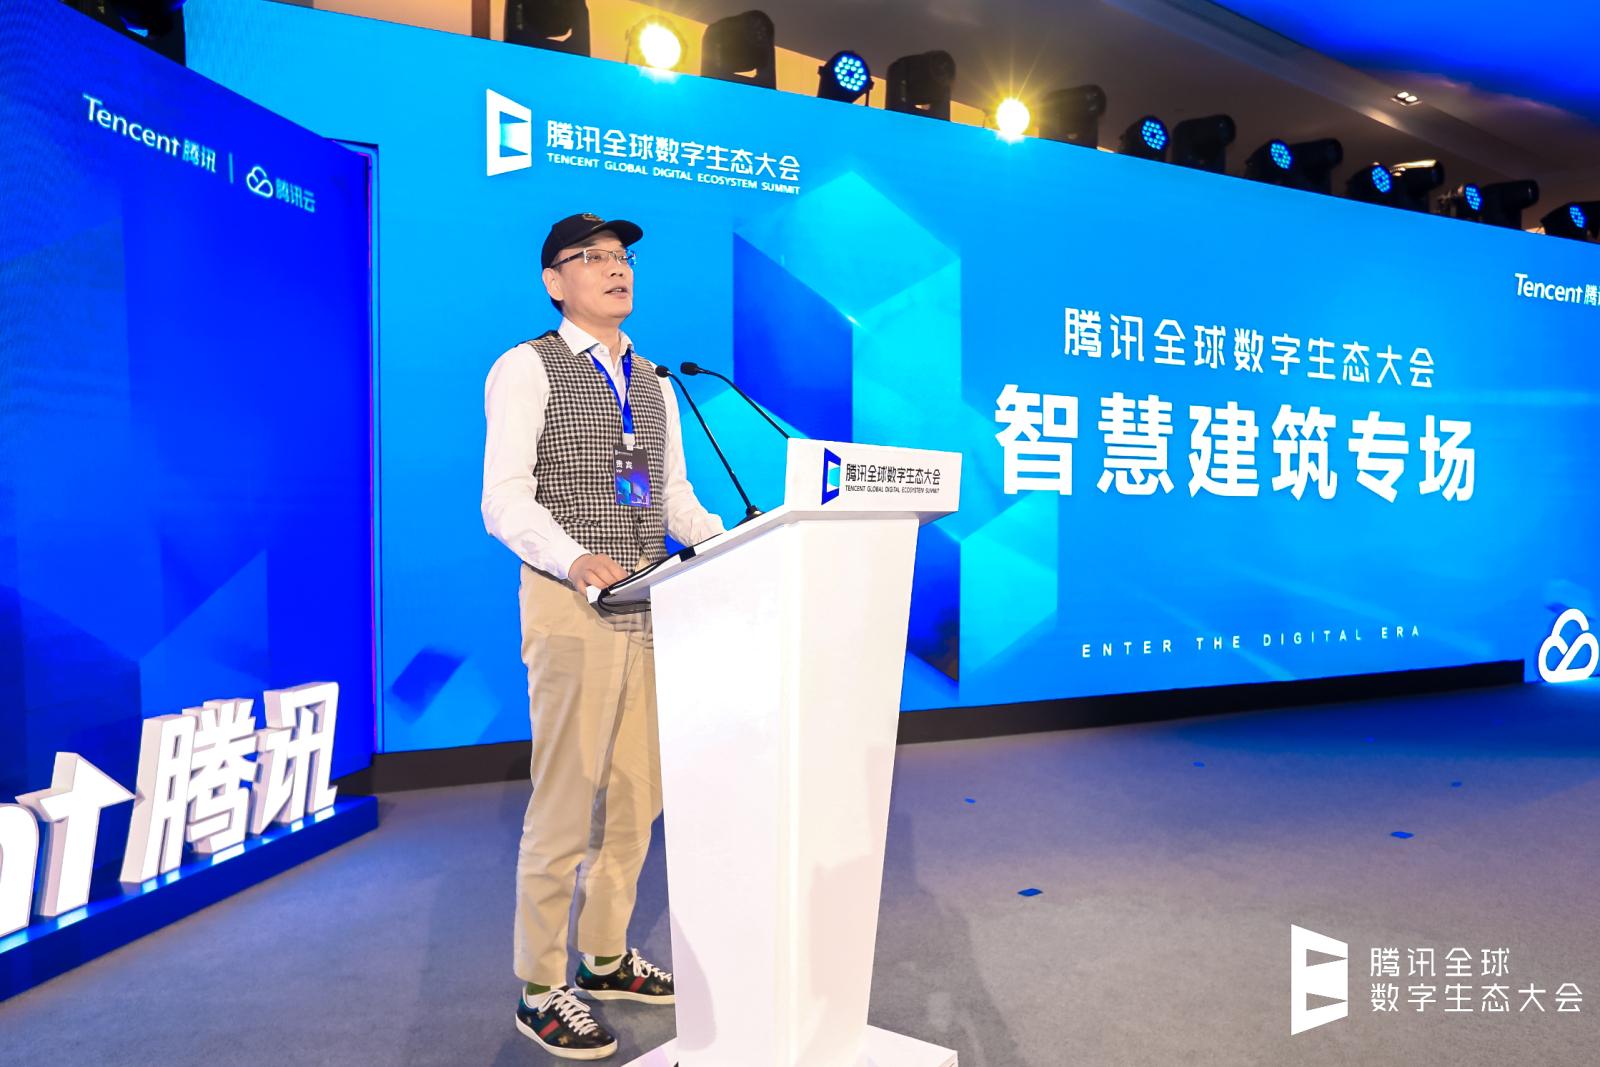 腾讯云助力大建筑行业智慧化升级